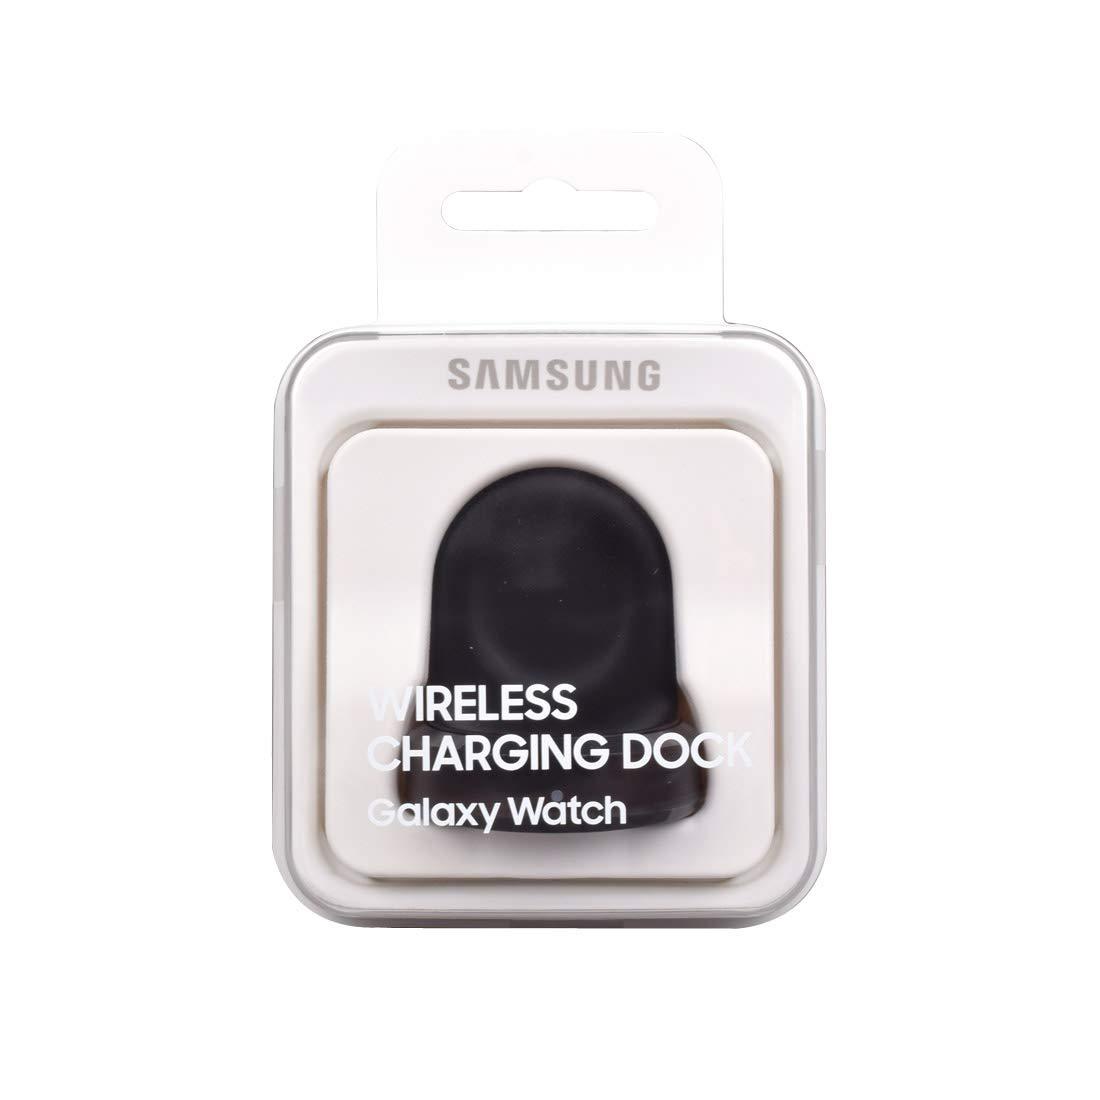 Amazon.com: Samsung - Cargador de base de carga inalámbrico ...